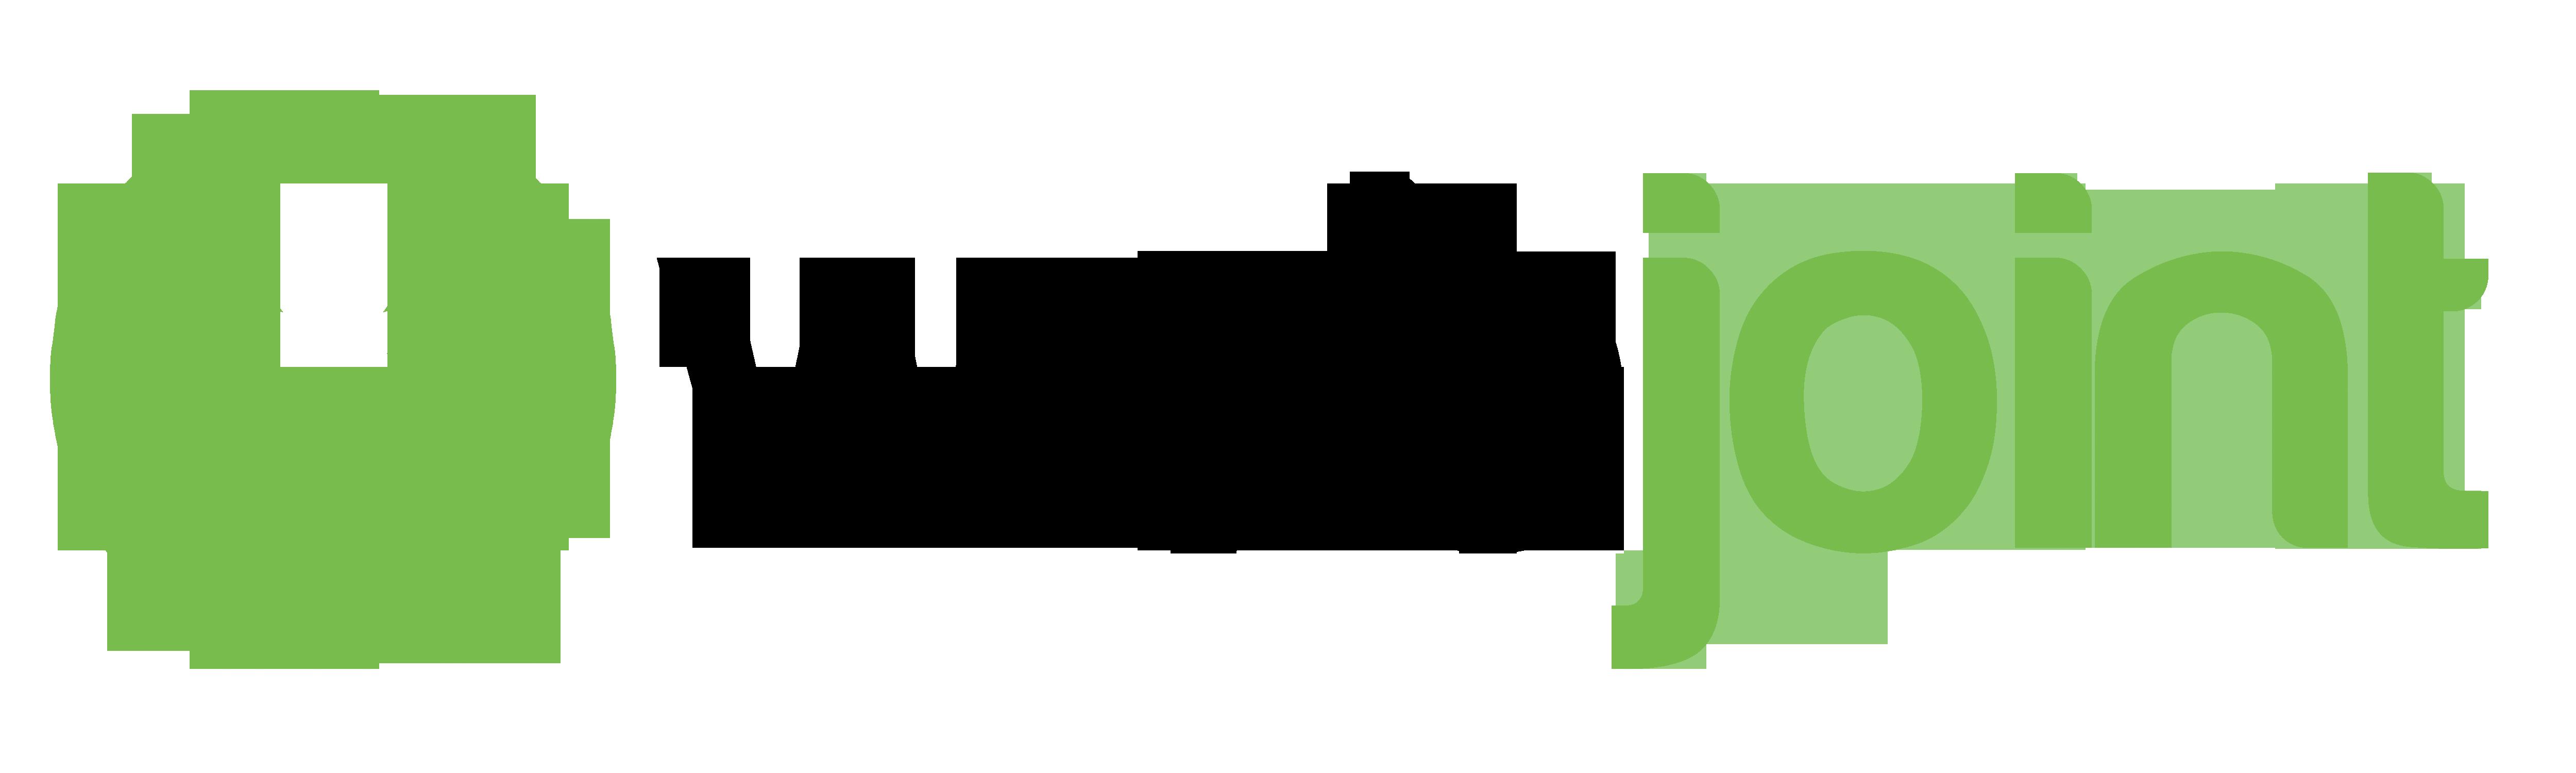 logo_dark-1.png